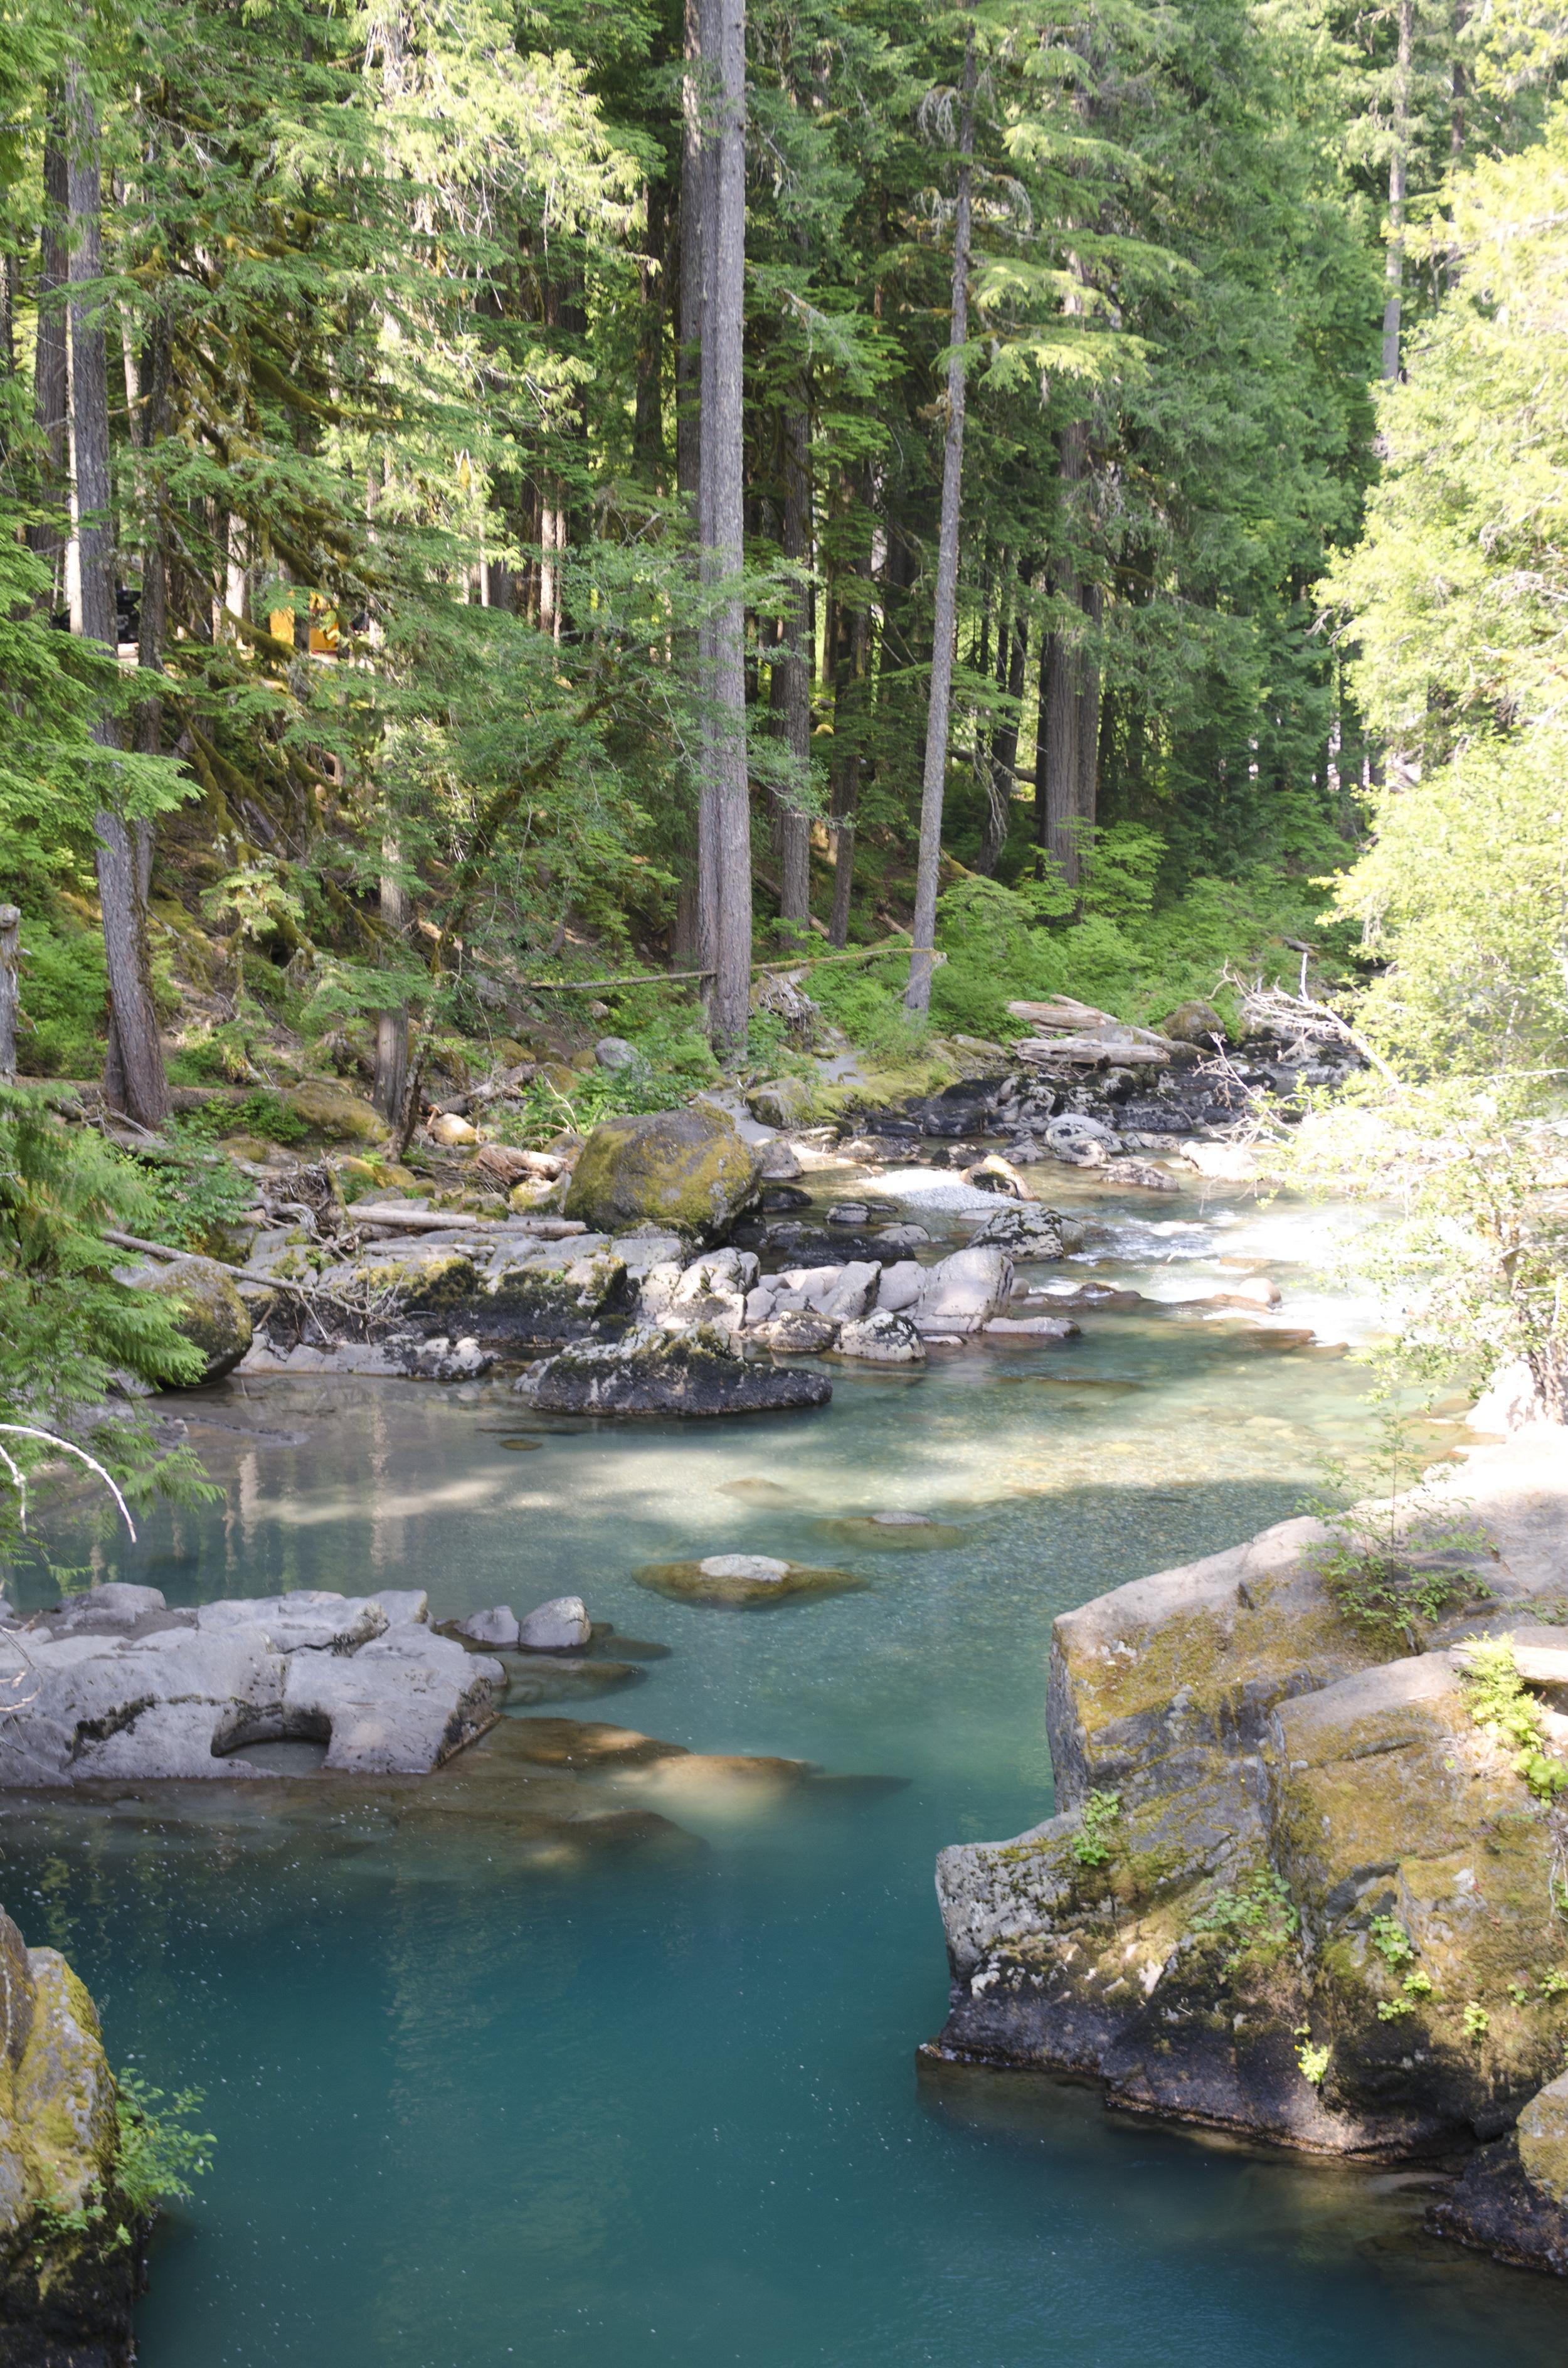 The Ohanapecosh River